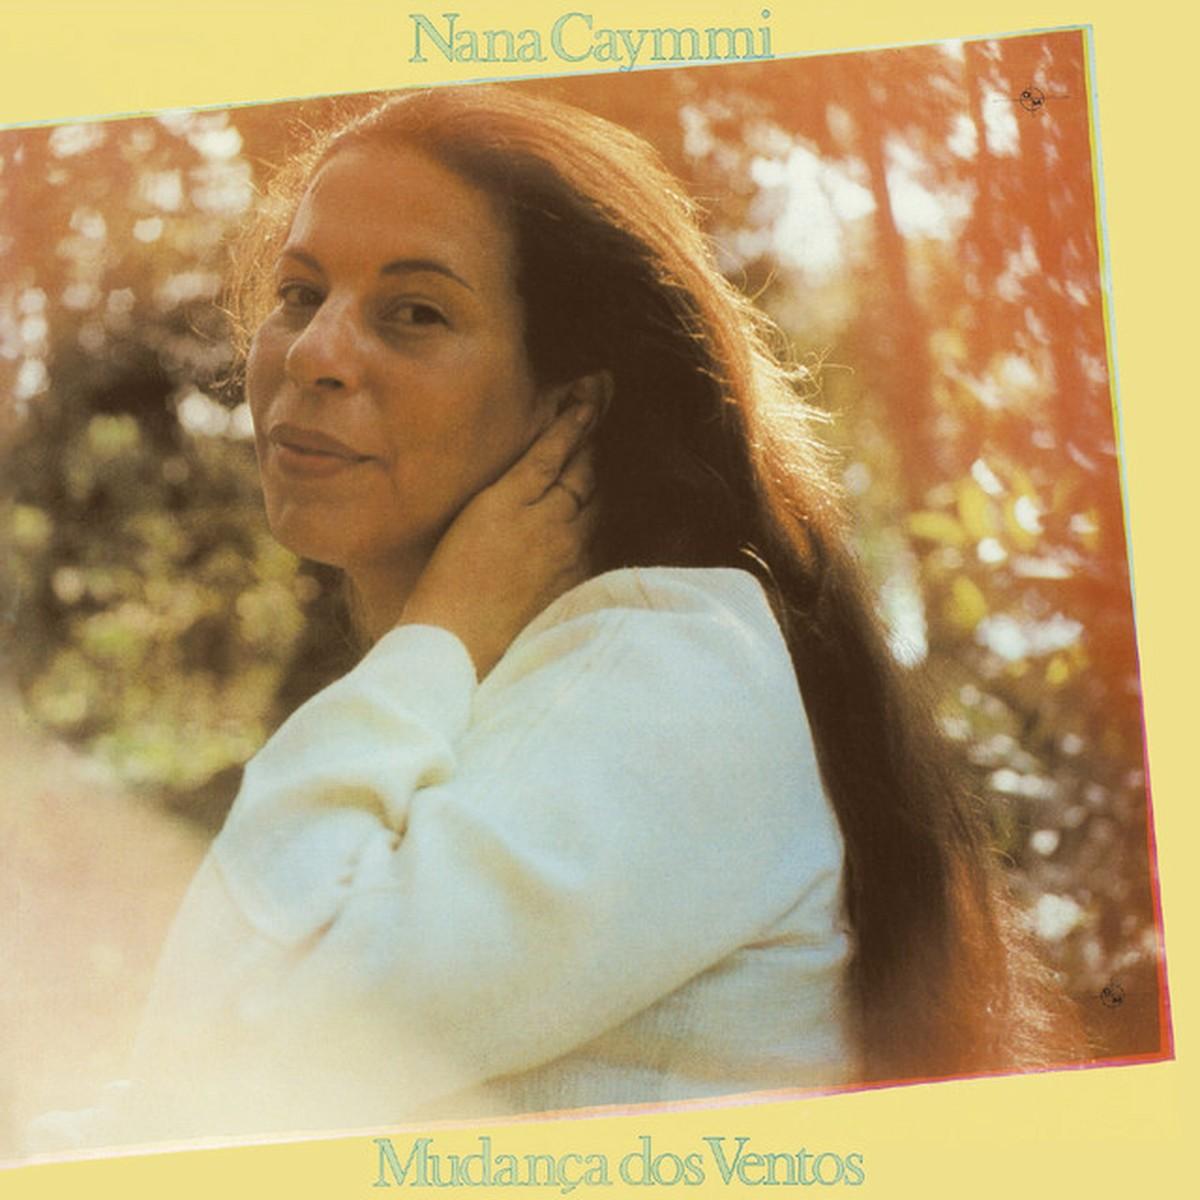 Músicas para descobrir em casa – 'Meu silêncio' (Claudio Nucci e Luiz Fernando Gonçalves, 1980) com Nana Caymmi | Blog do Mauro Ferreira